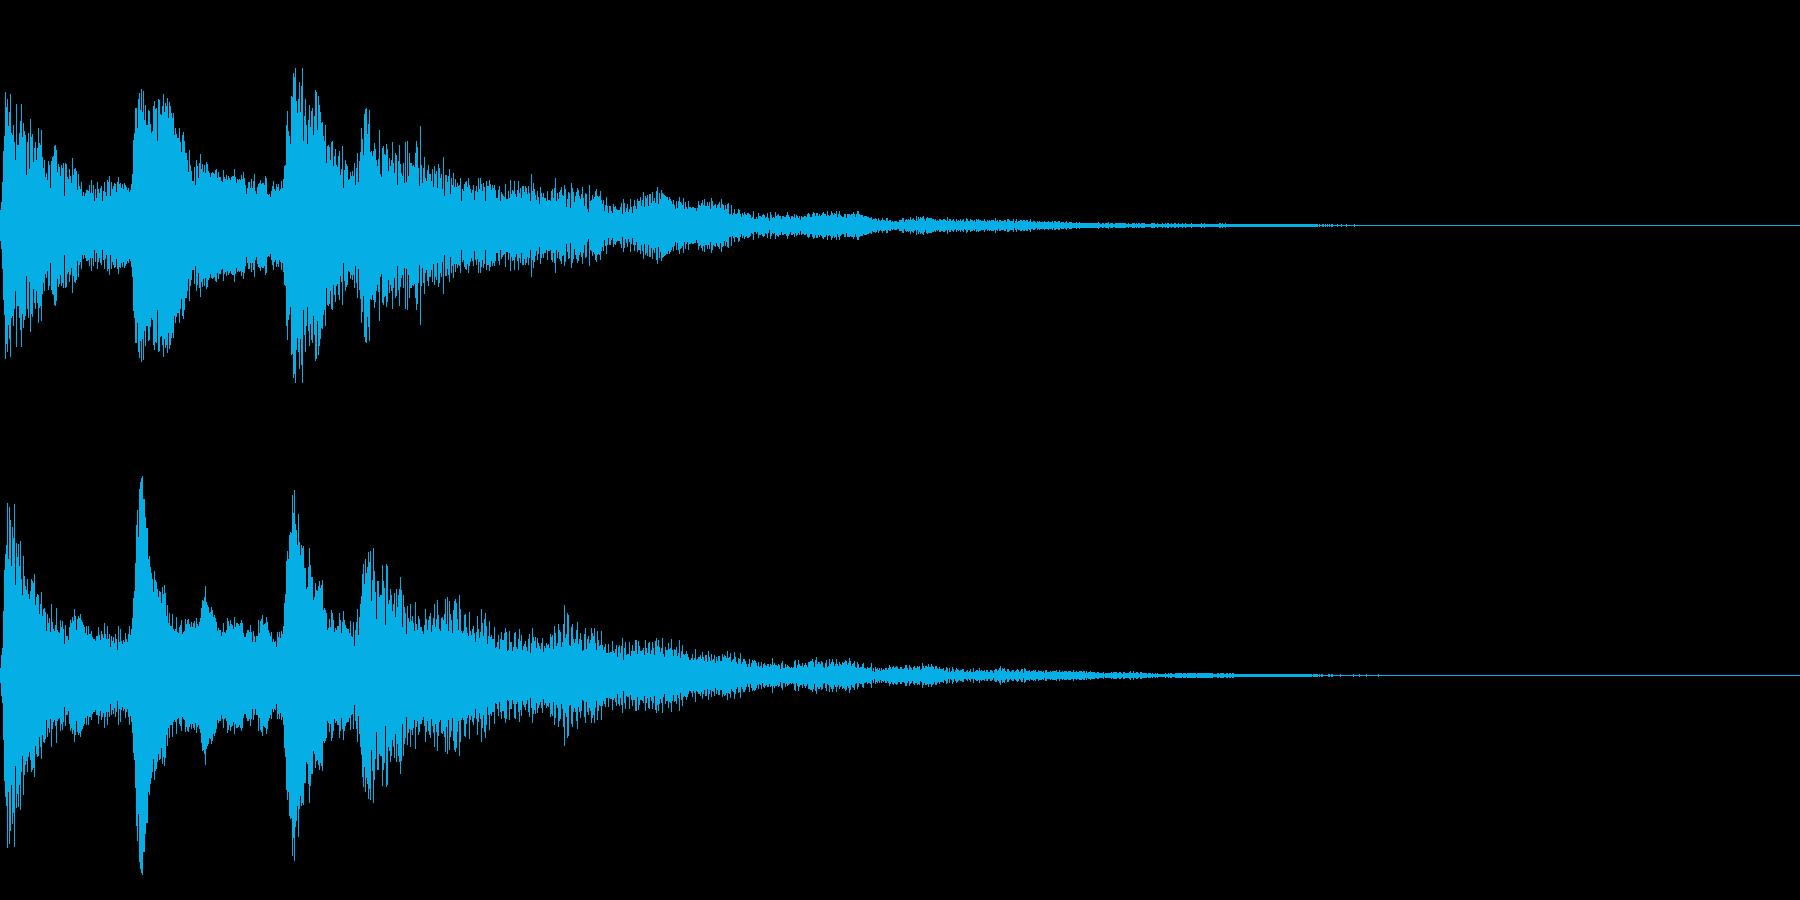 ミステリアスな音 ホラー、心霊系向けの再生済みの波形